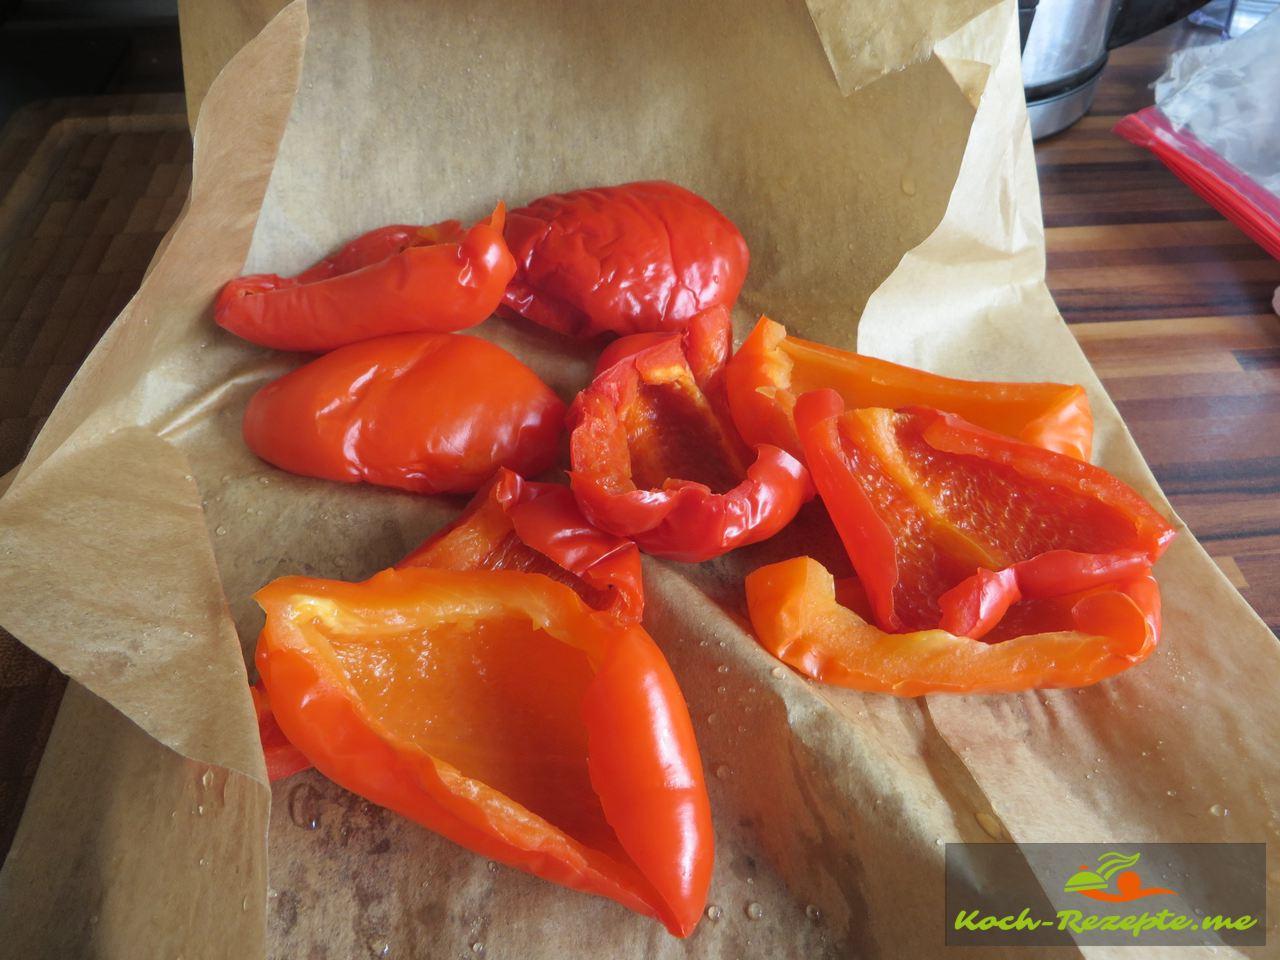 Rote Paprika in Backpapier einPäckchen machen zum häuten für die Paprika-Rahmsuppe